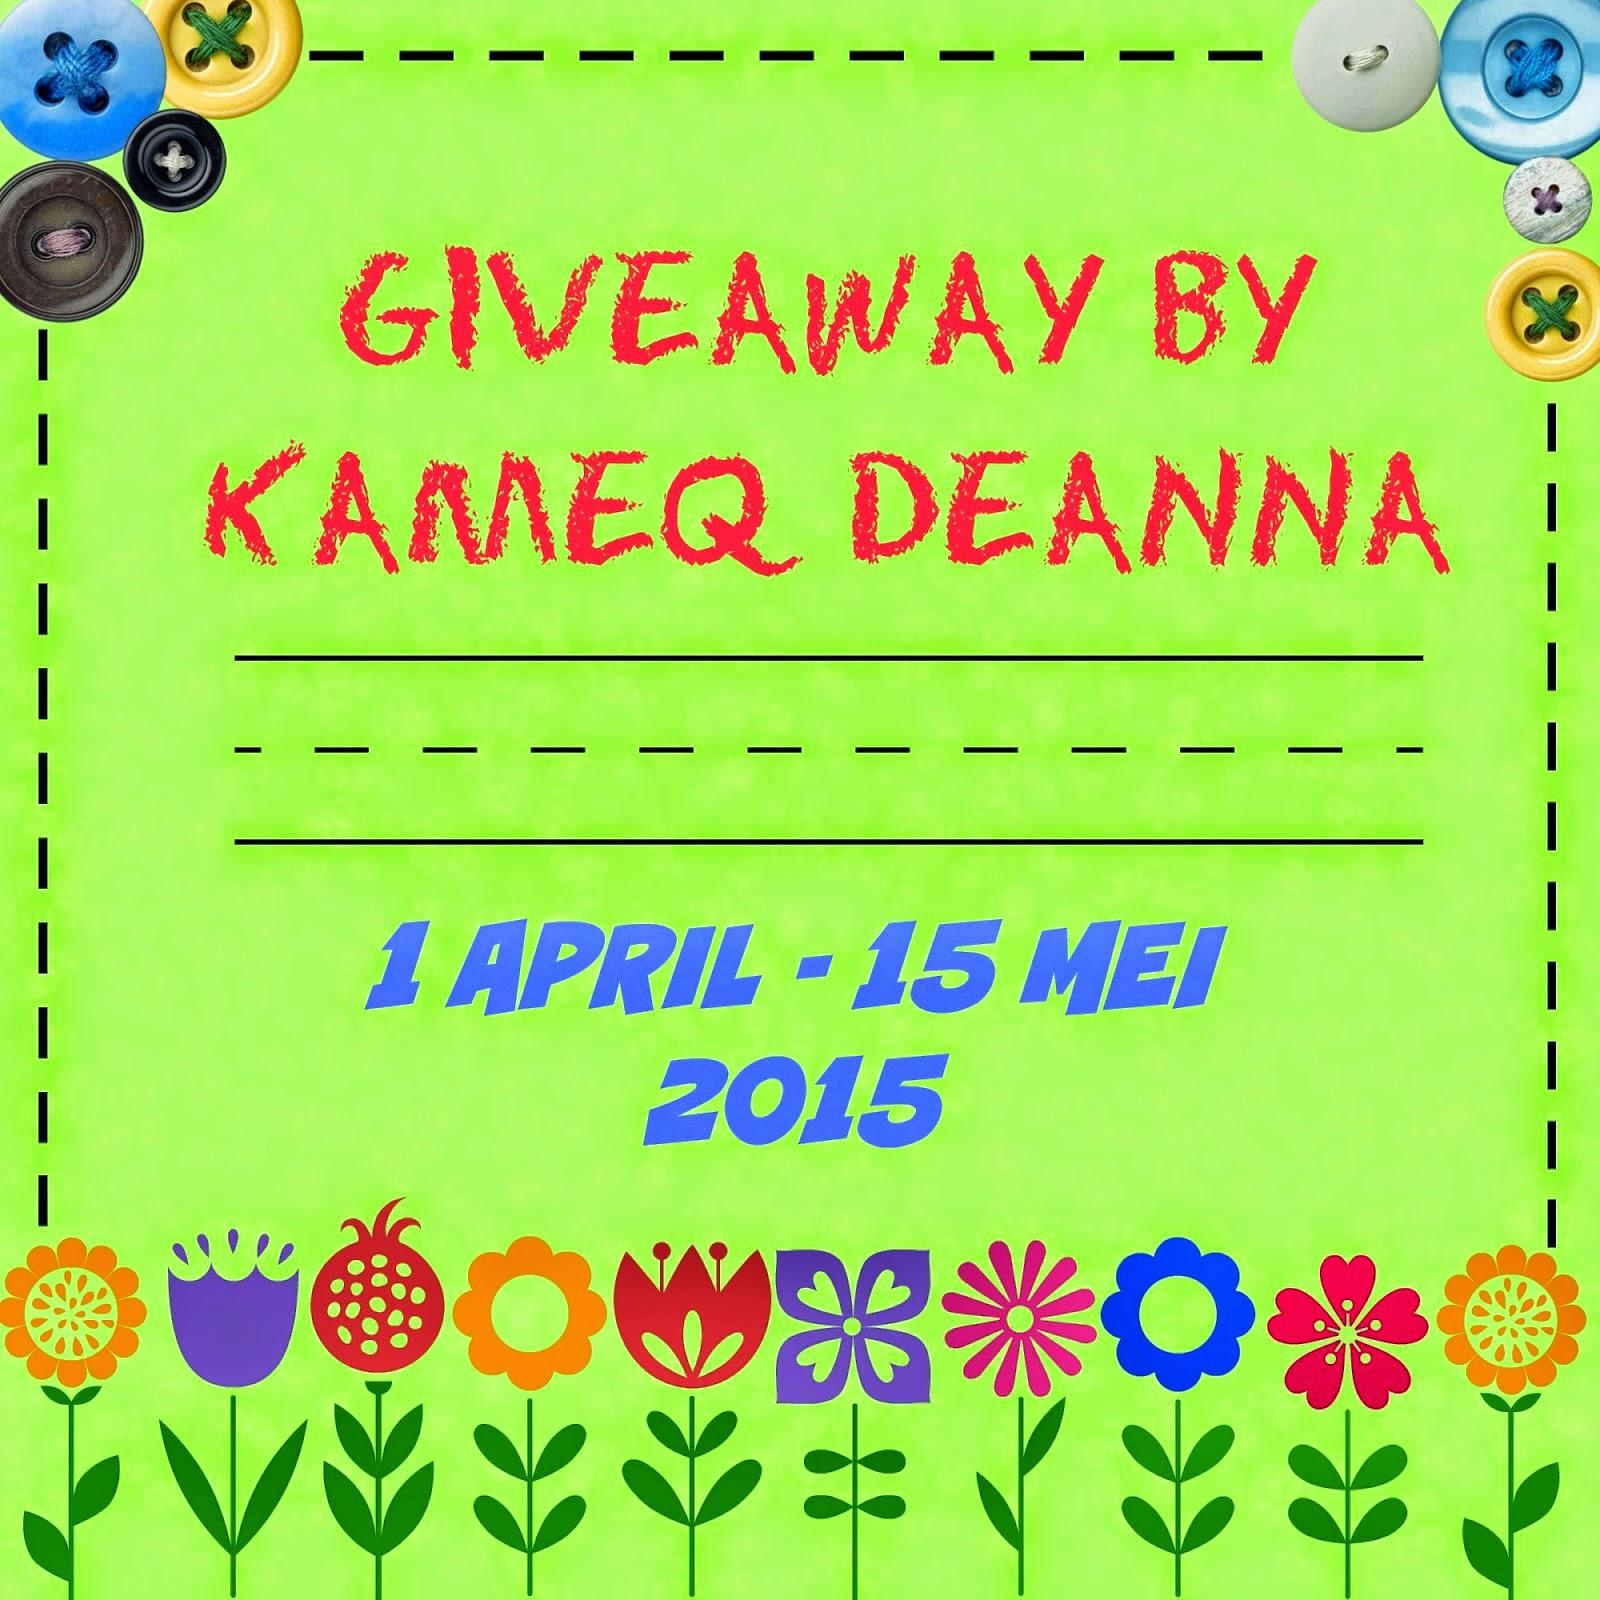 kameqdeanna.blogspot.com/2015/04/giveaway-by-kameq-deanna.html